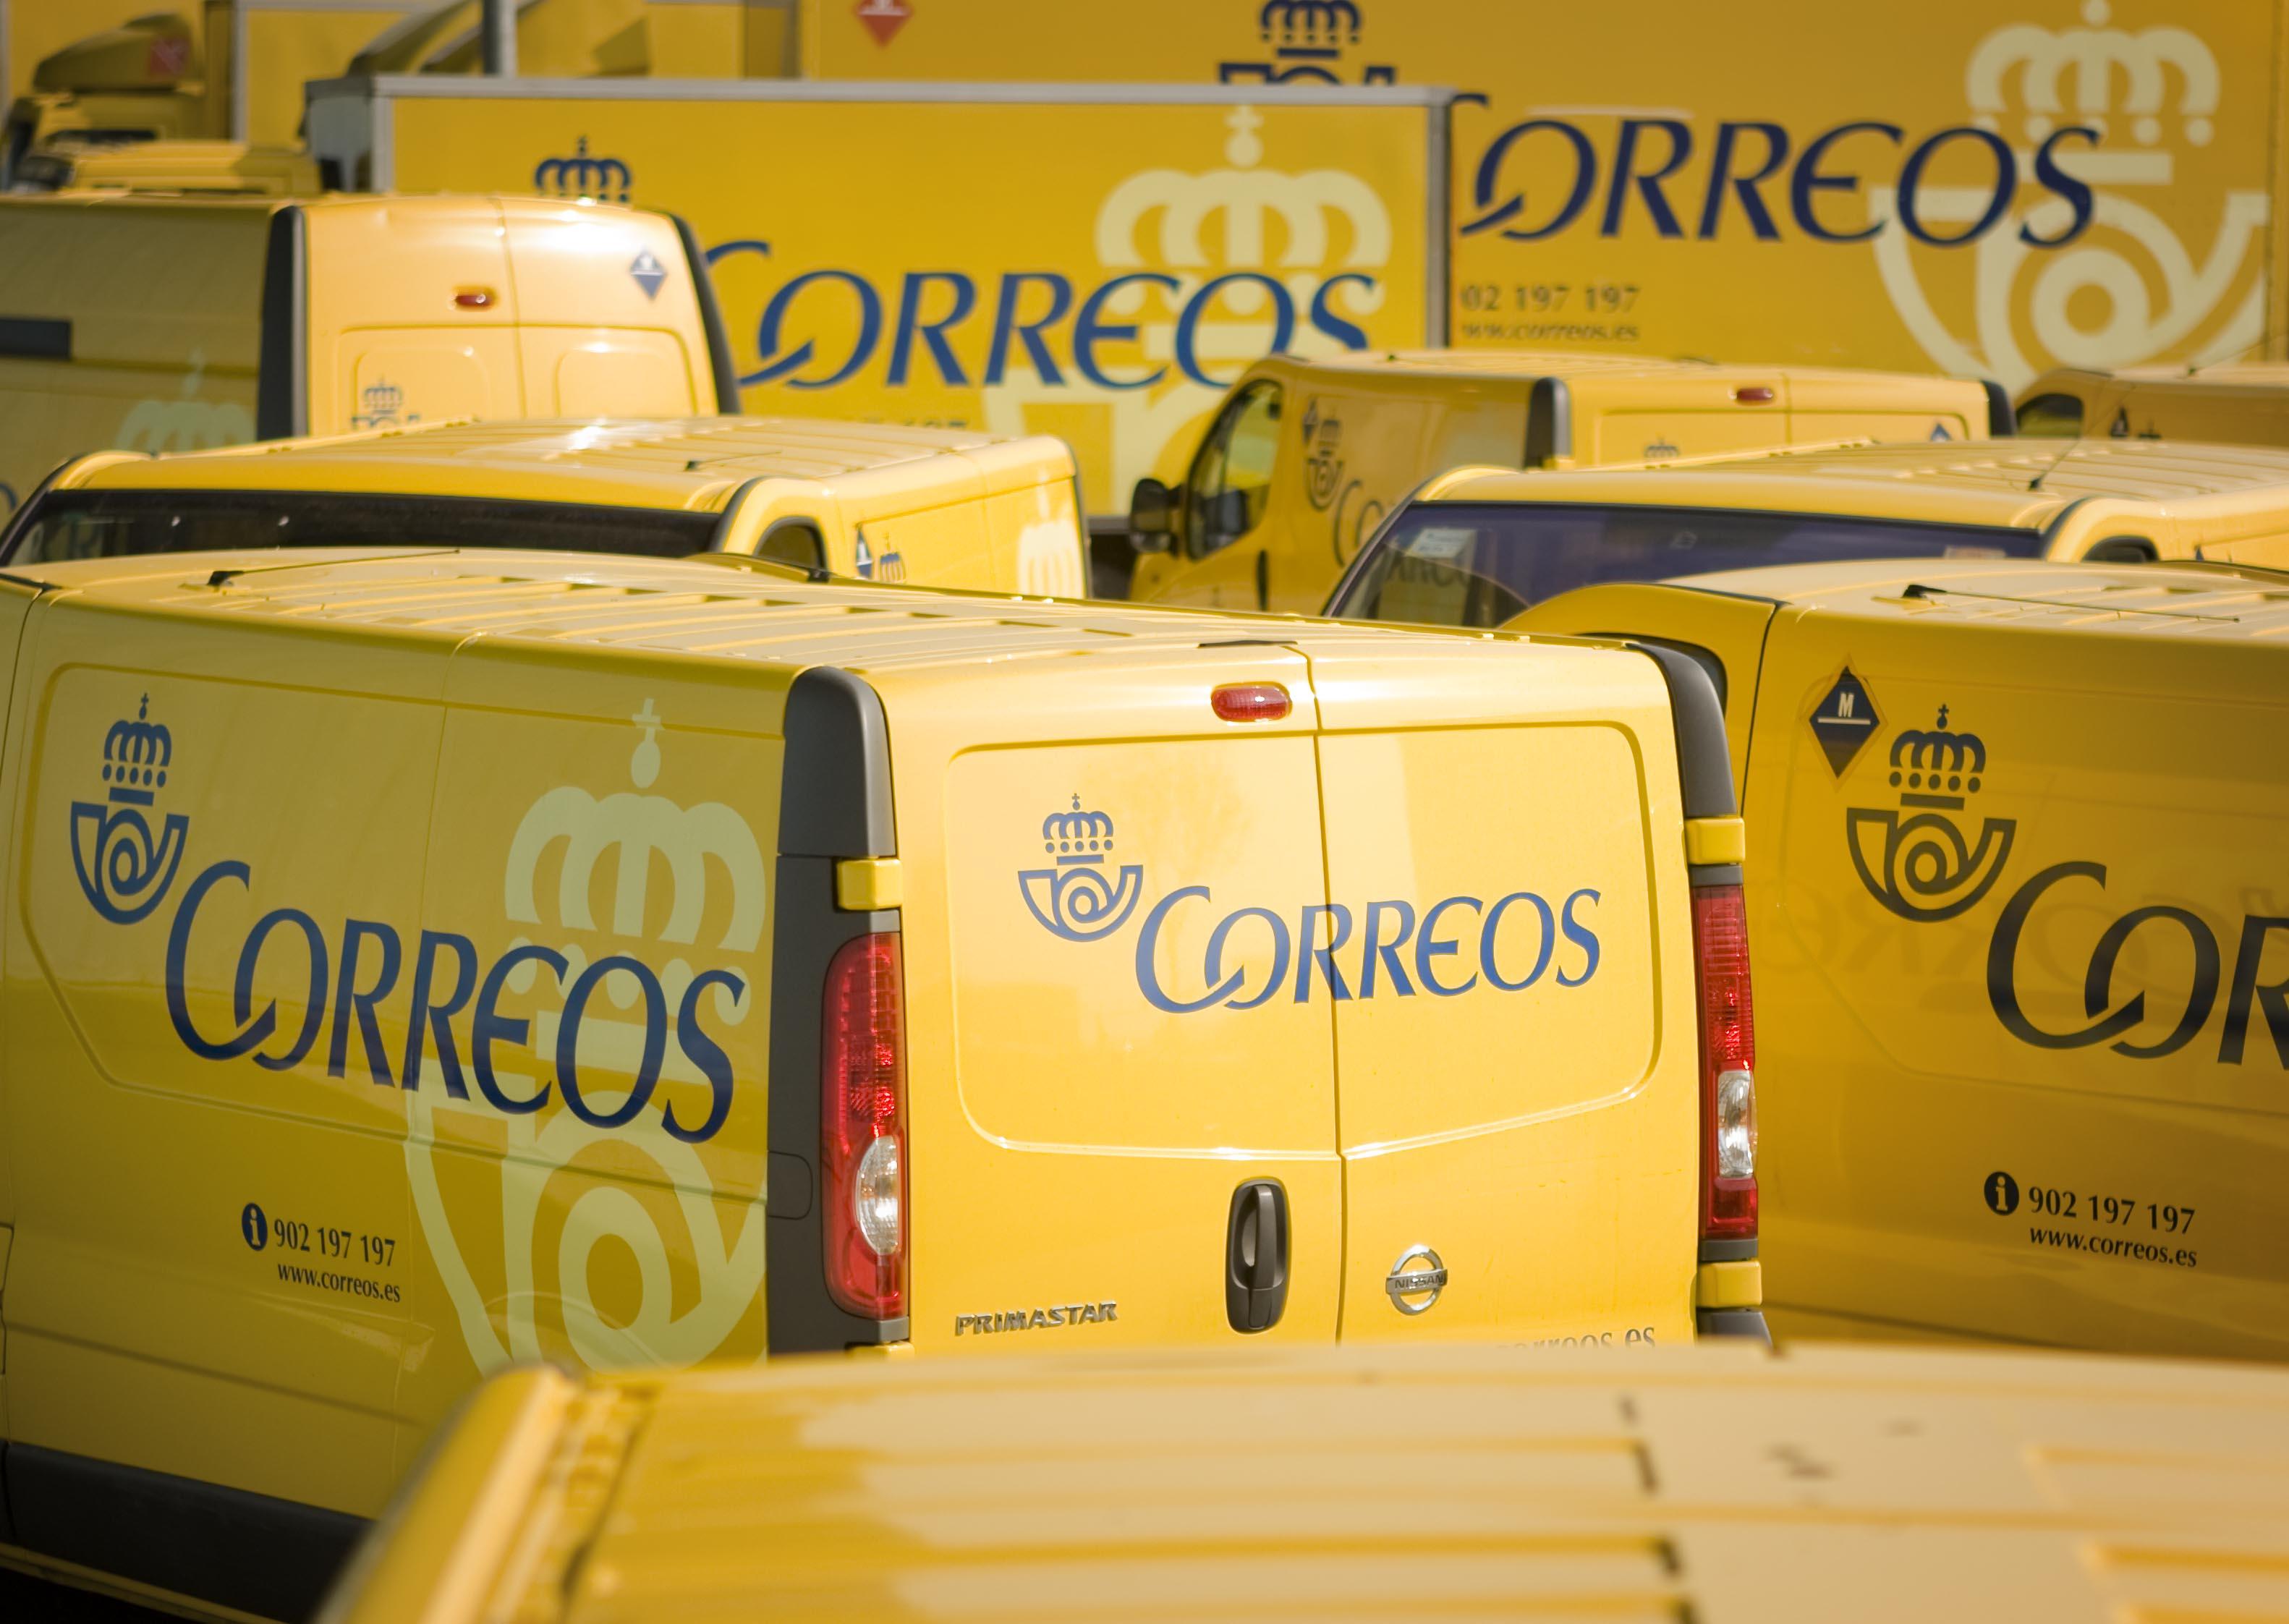 Correos ganó 14,8 millones el año pasado, frente a los 153 millones de pérdidas de 2018